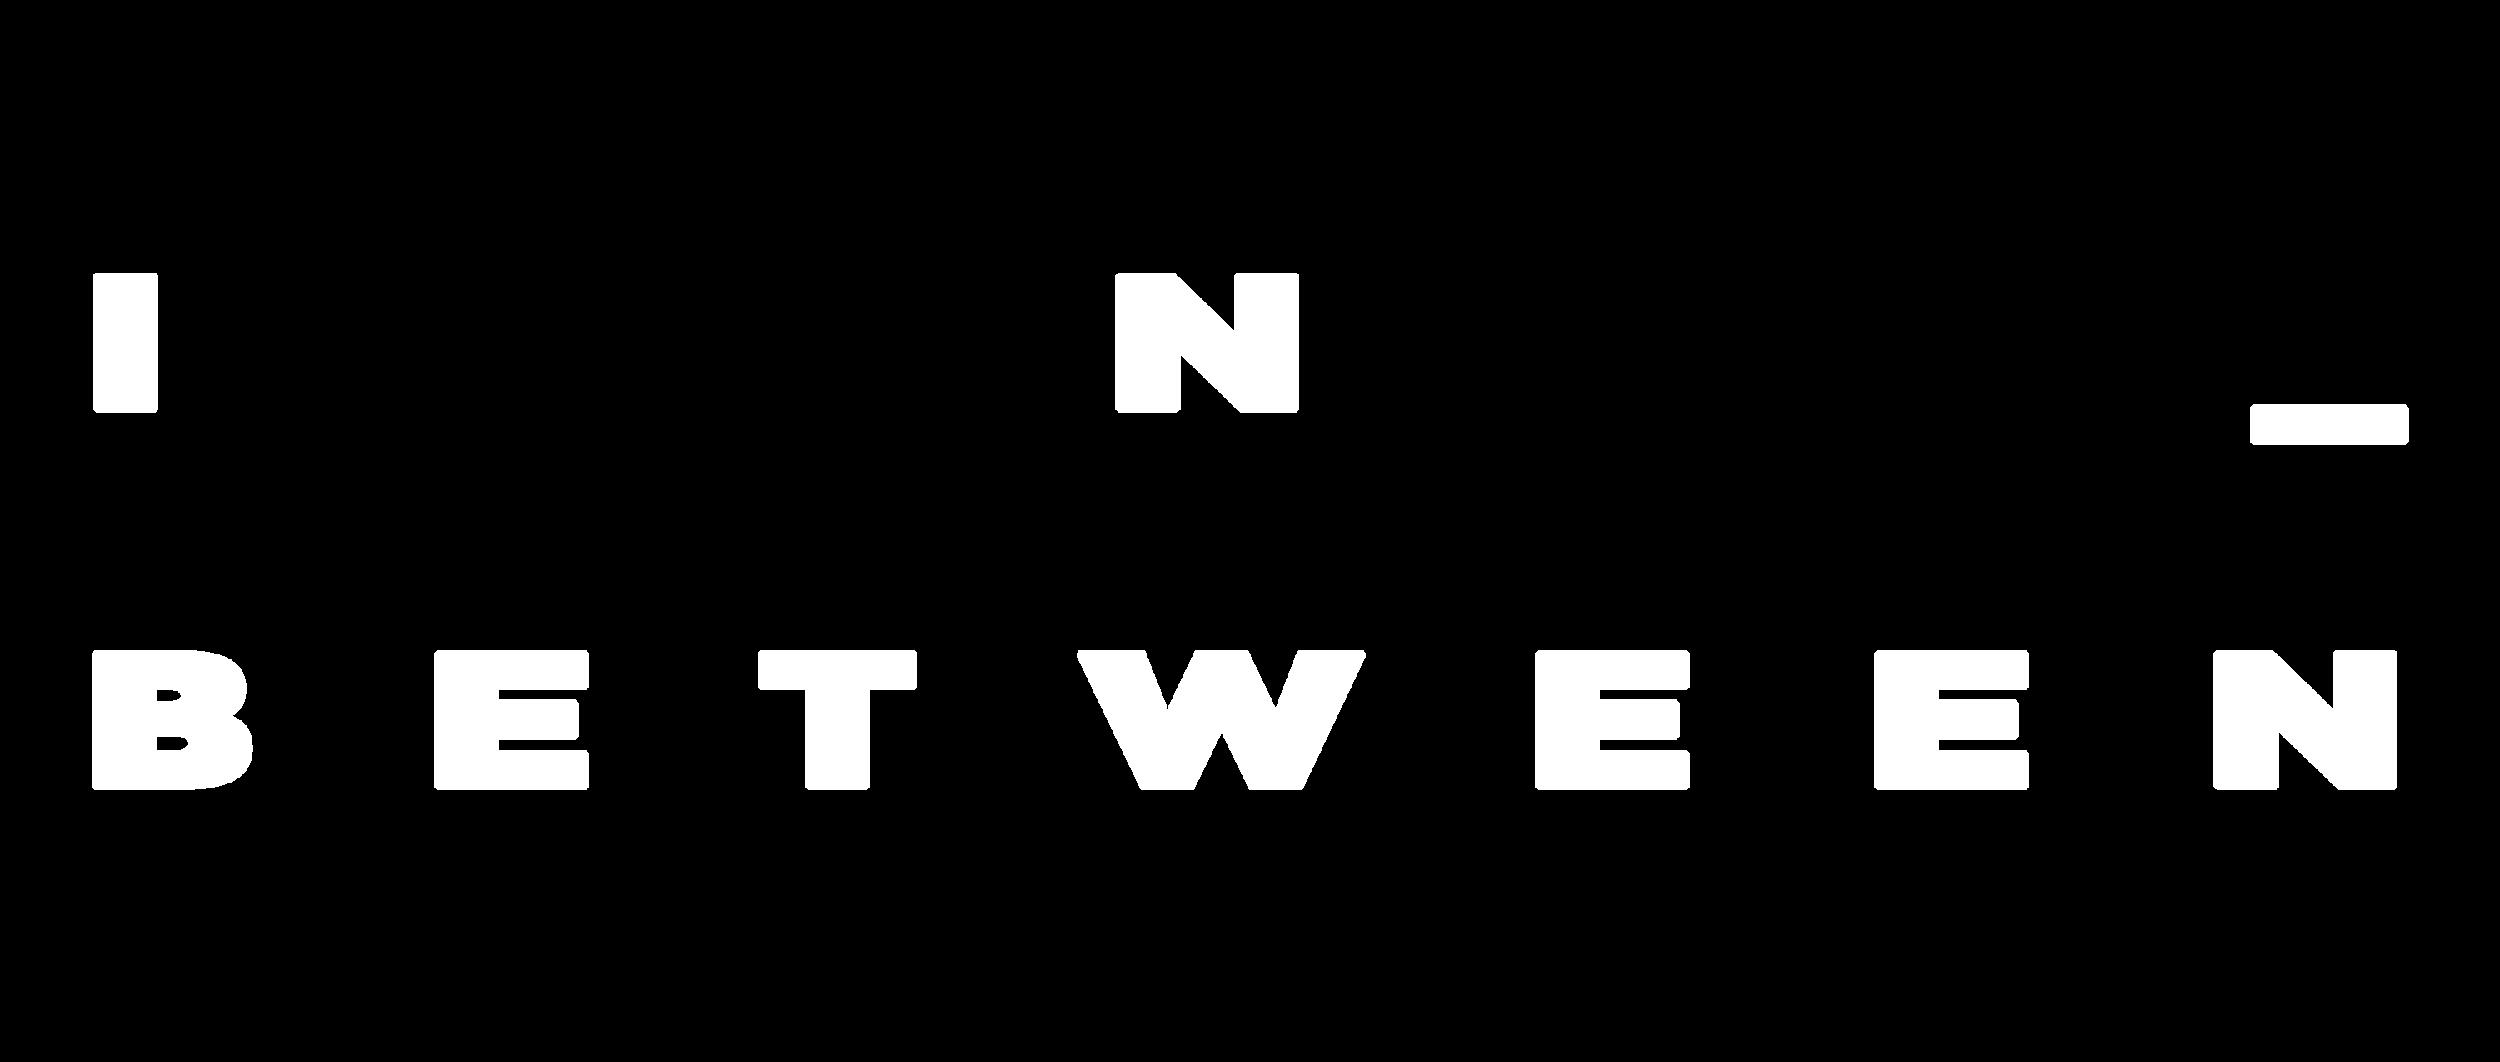 In_Between_Banner.png